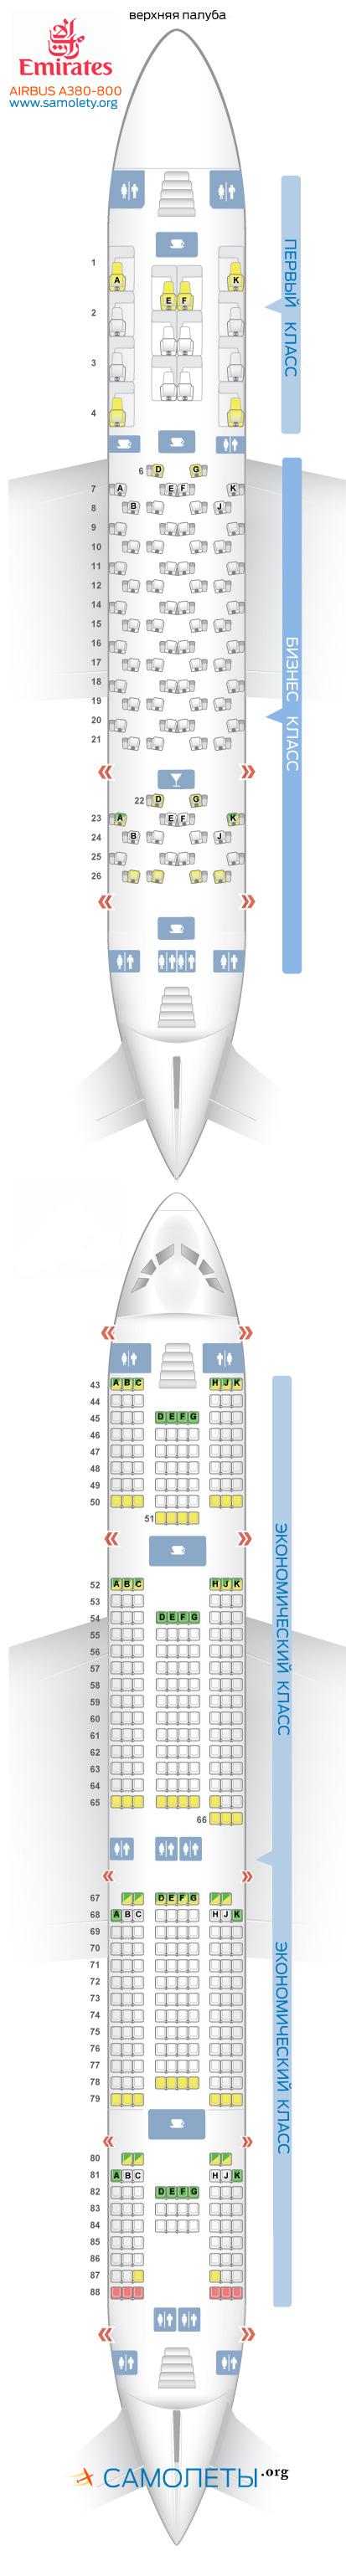 Схема салона Airbus A380 Emirates